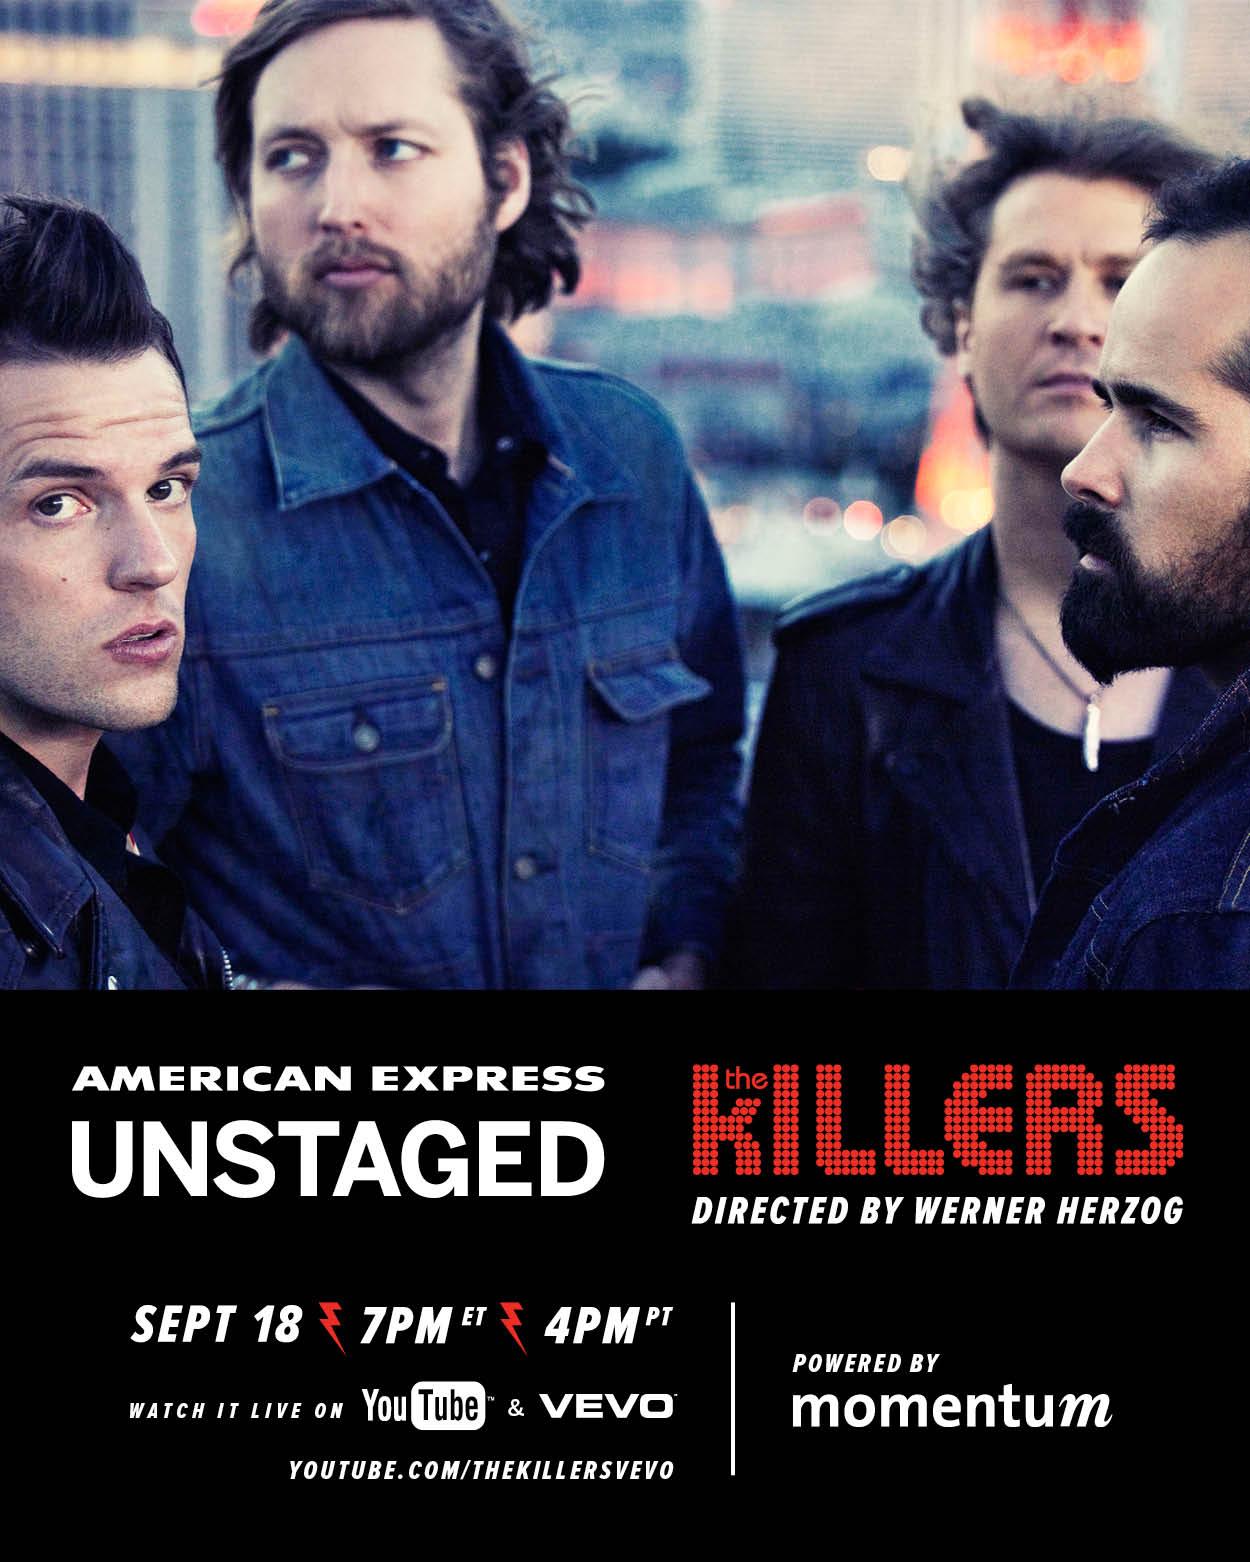 Il 18 Settembre la band suonerà per AMEX Unstaged